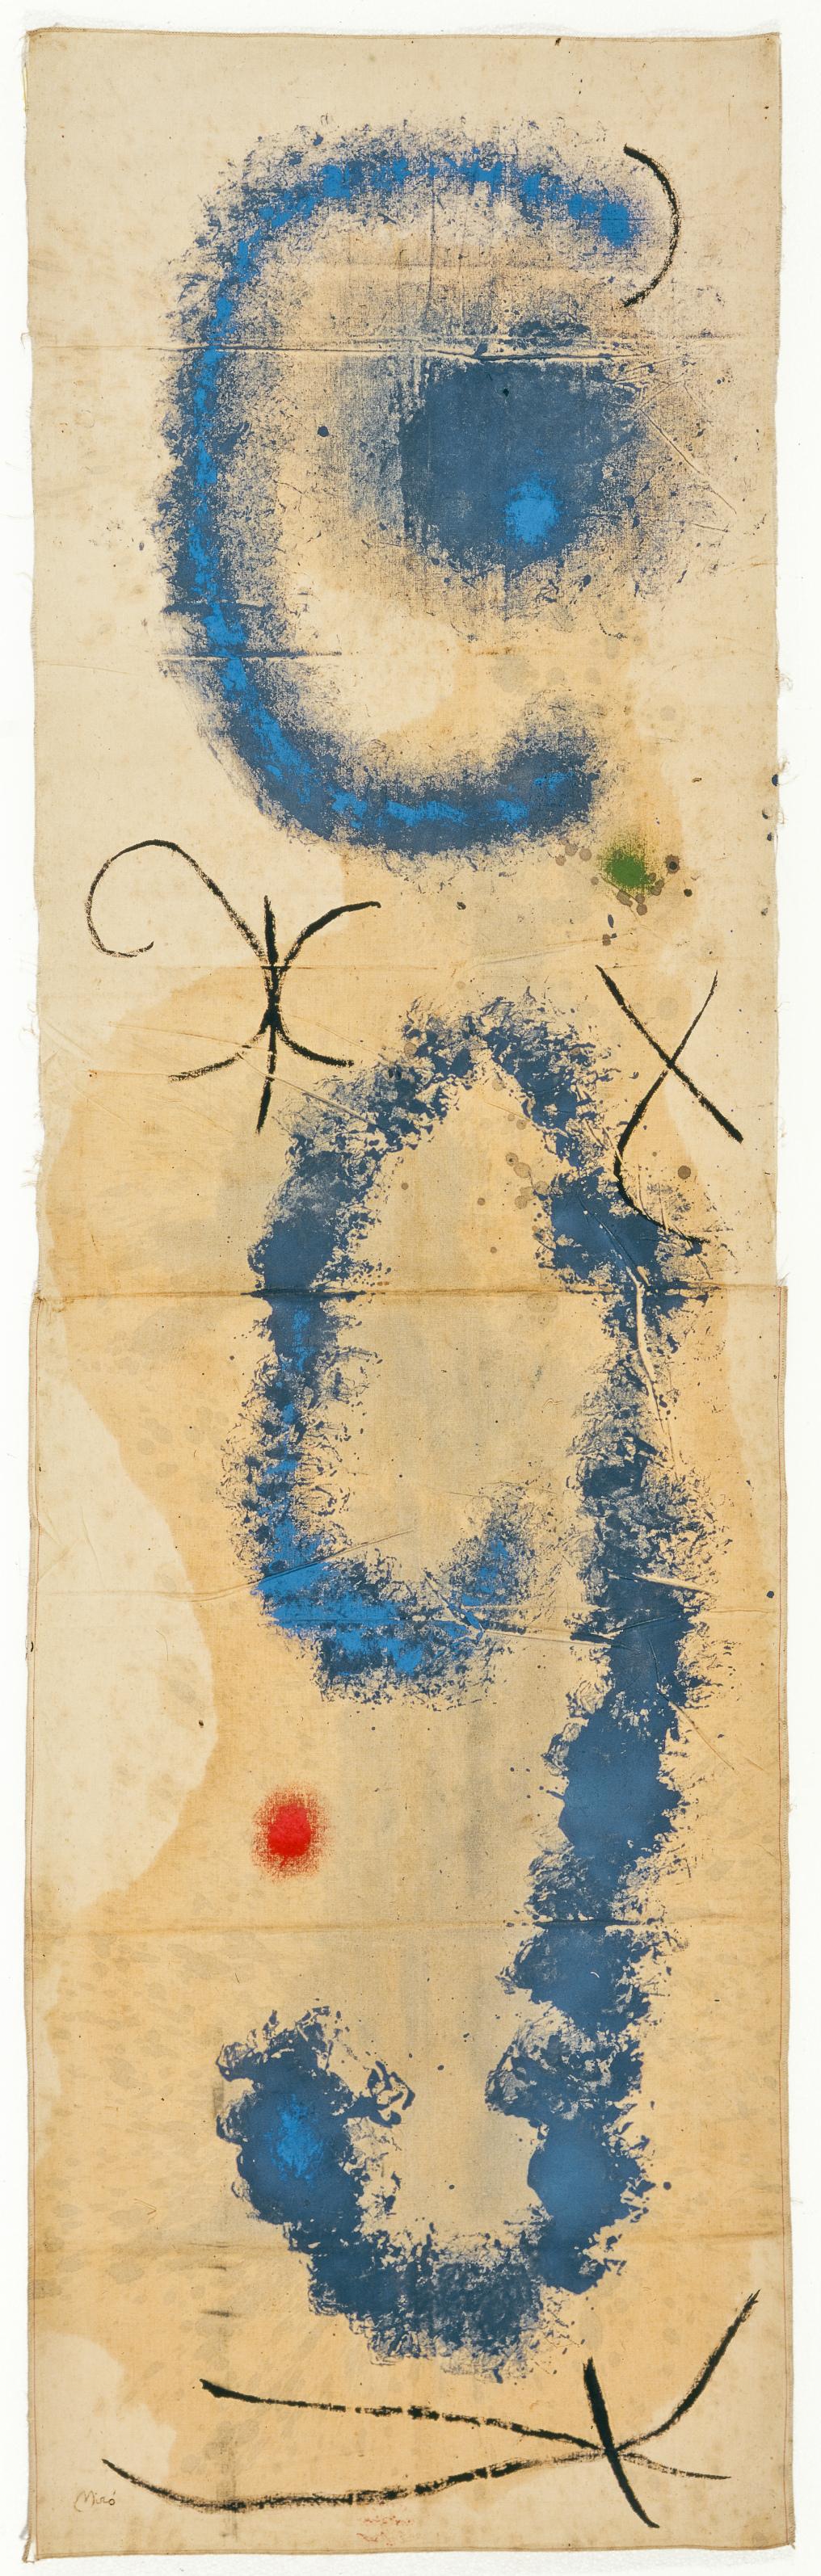 Joan Miró Dipinto, 1962 Olio su stoffa